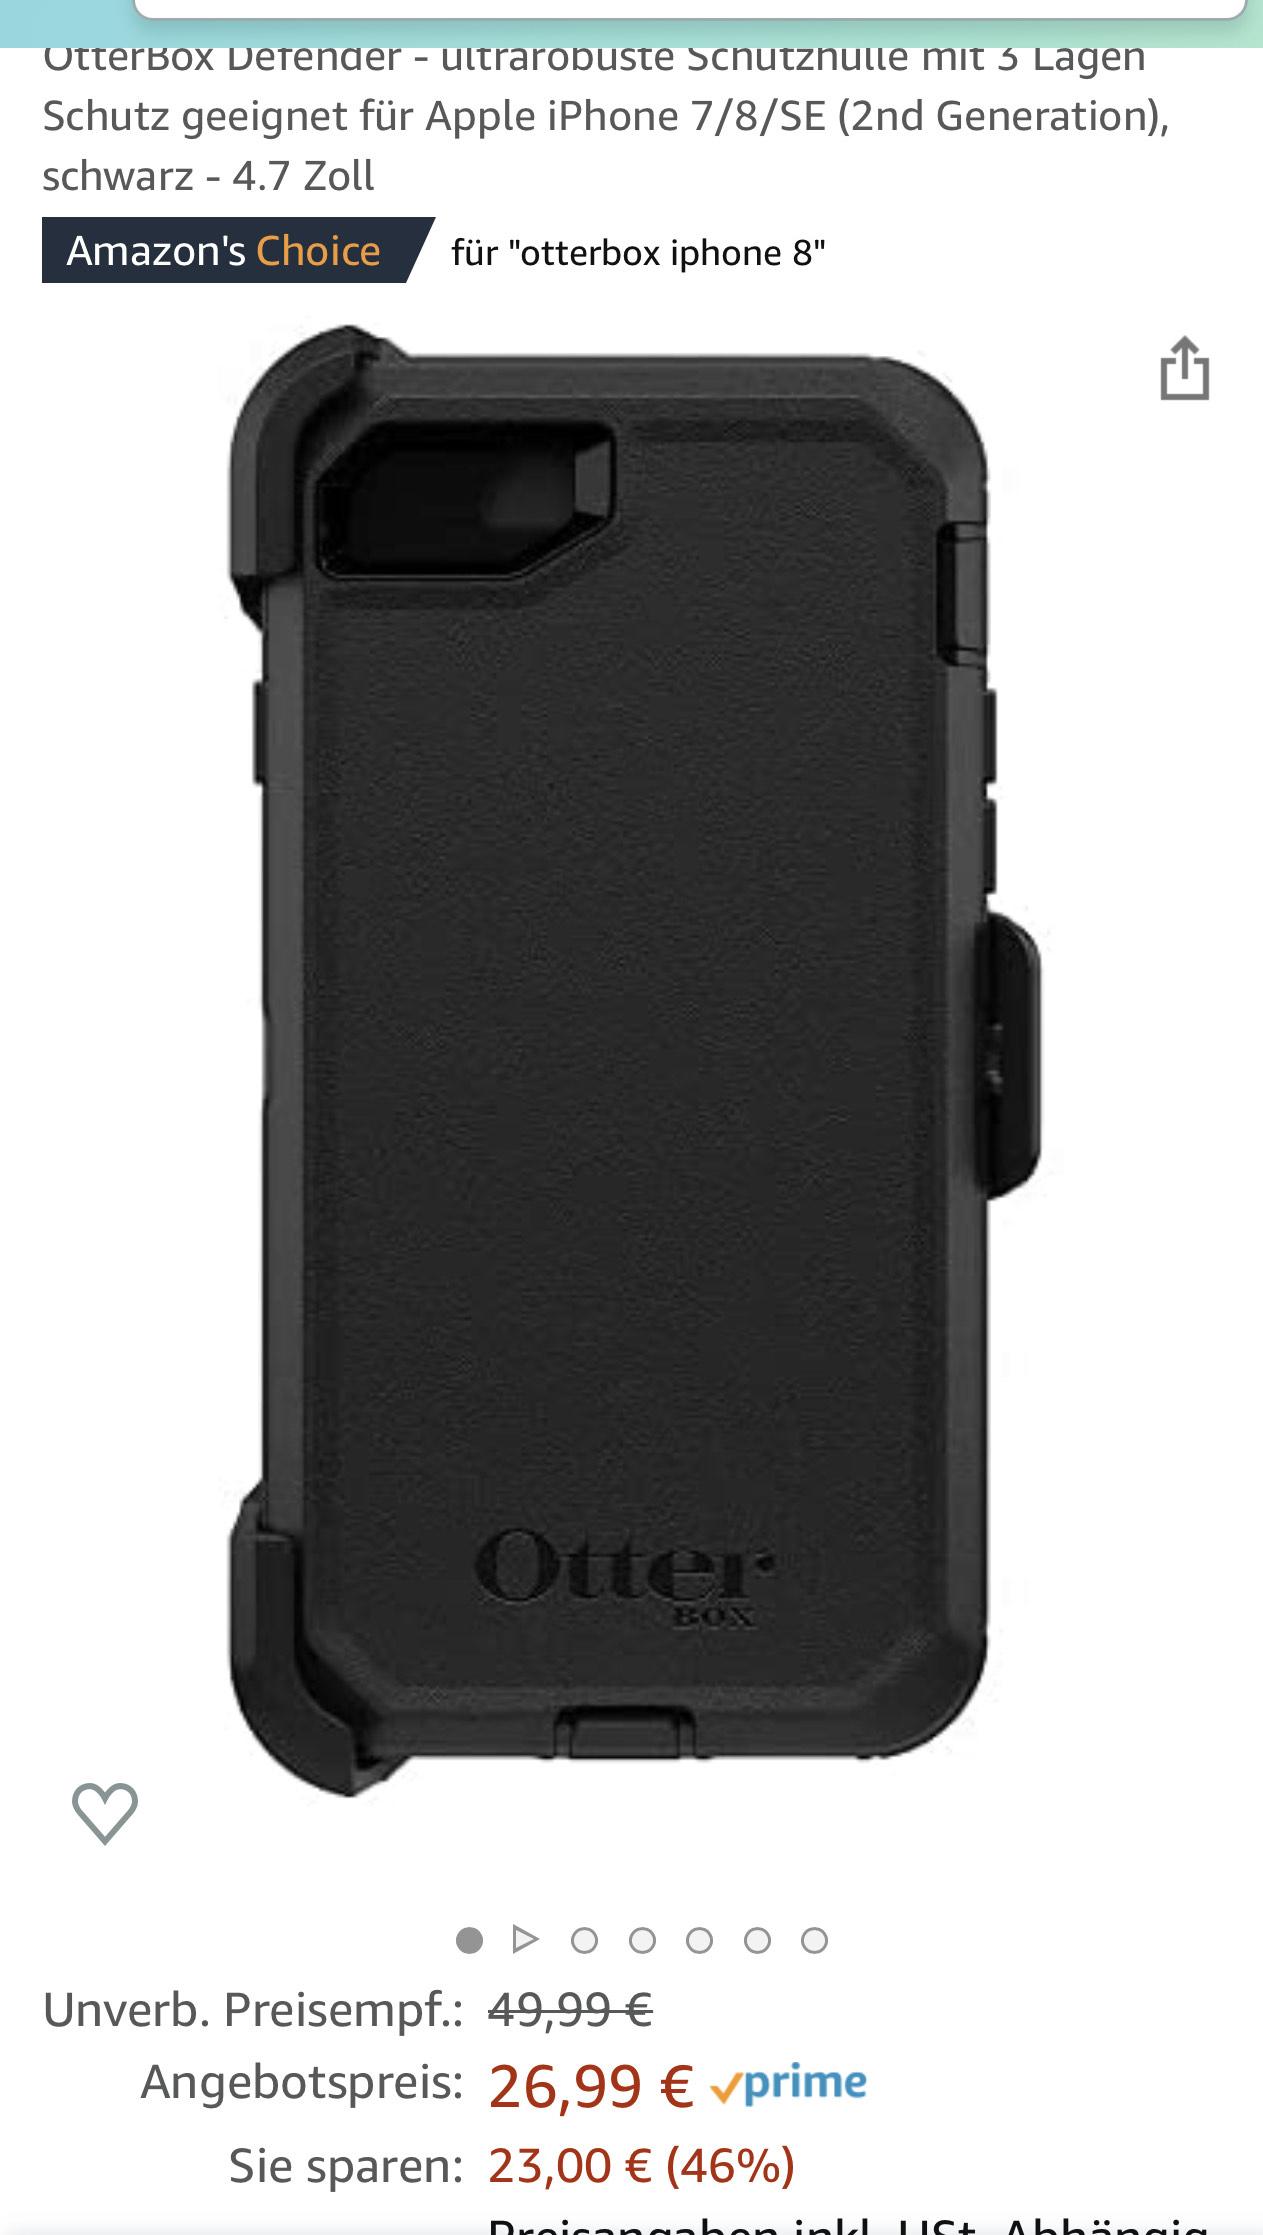 Otterbox Defender für iPhone 7 8 und SE (2020)